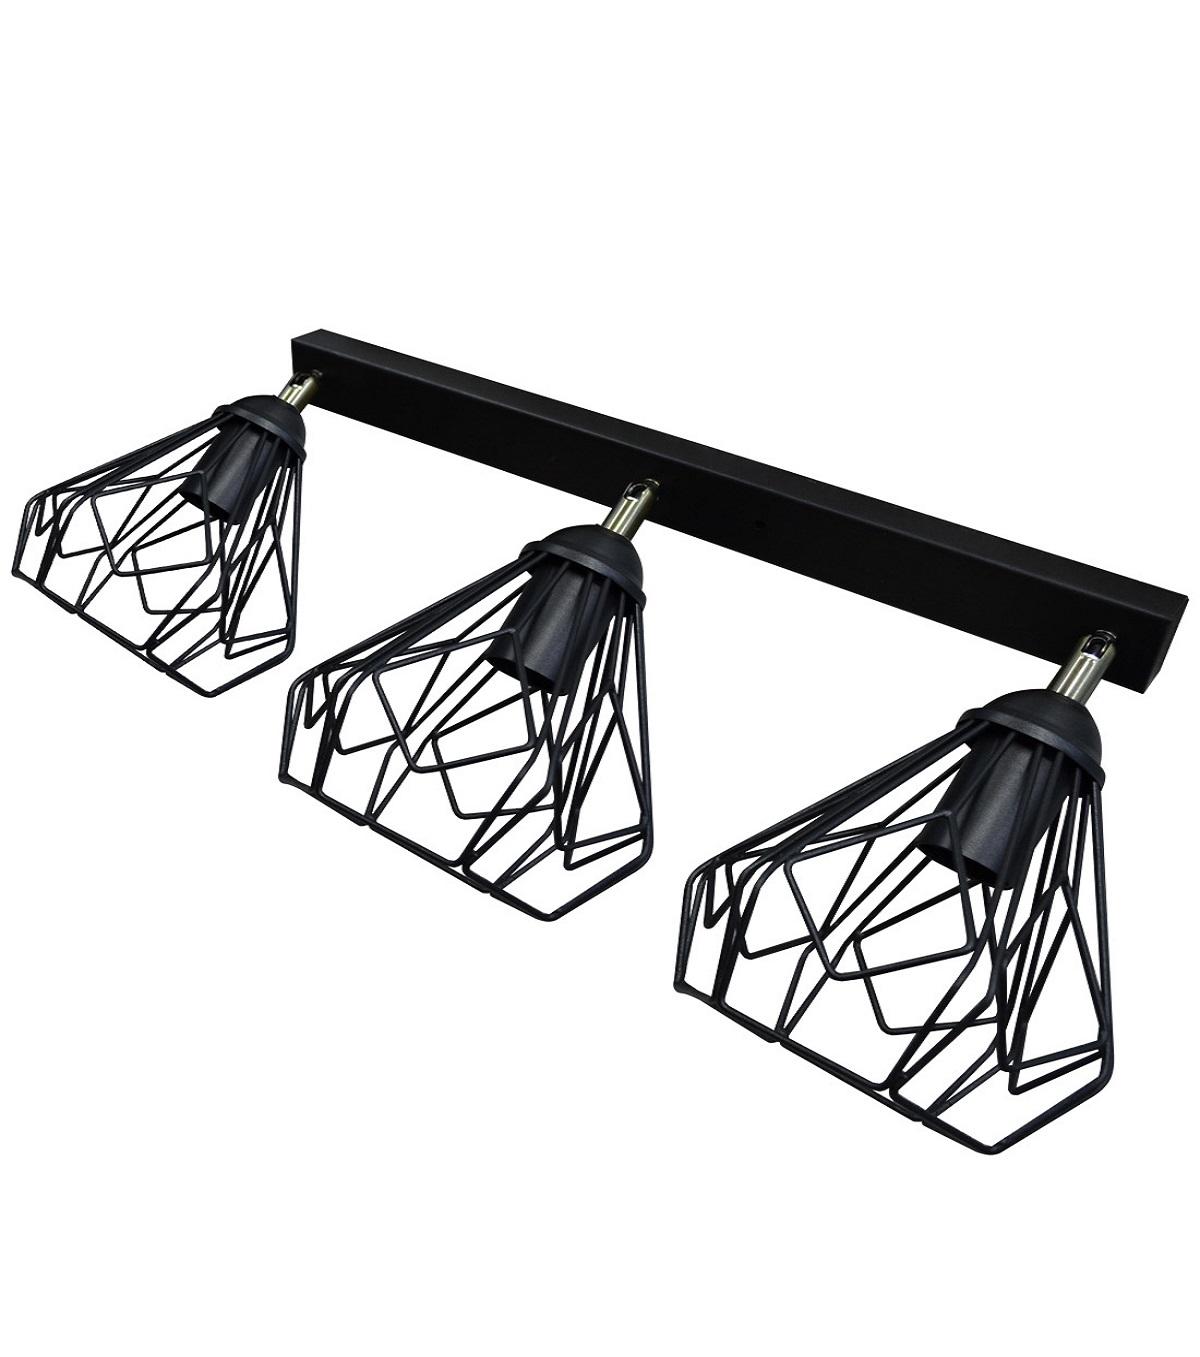 Светильники ЛОФТ - Люстра лофт потолочная с поворотным плафоном 000002786 - Фото 1